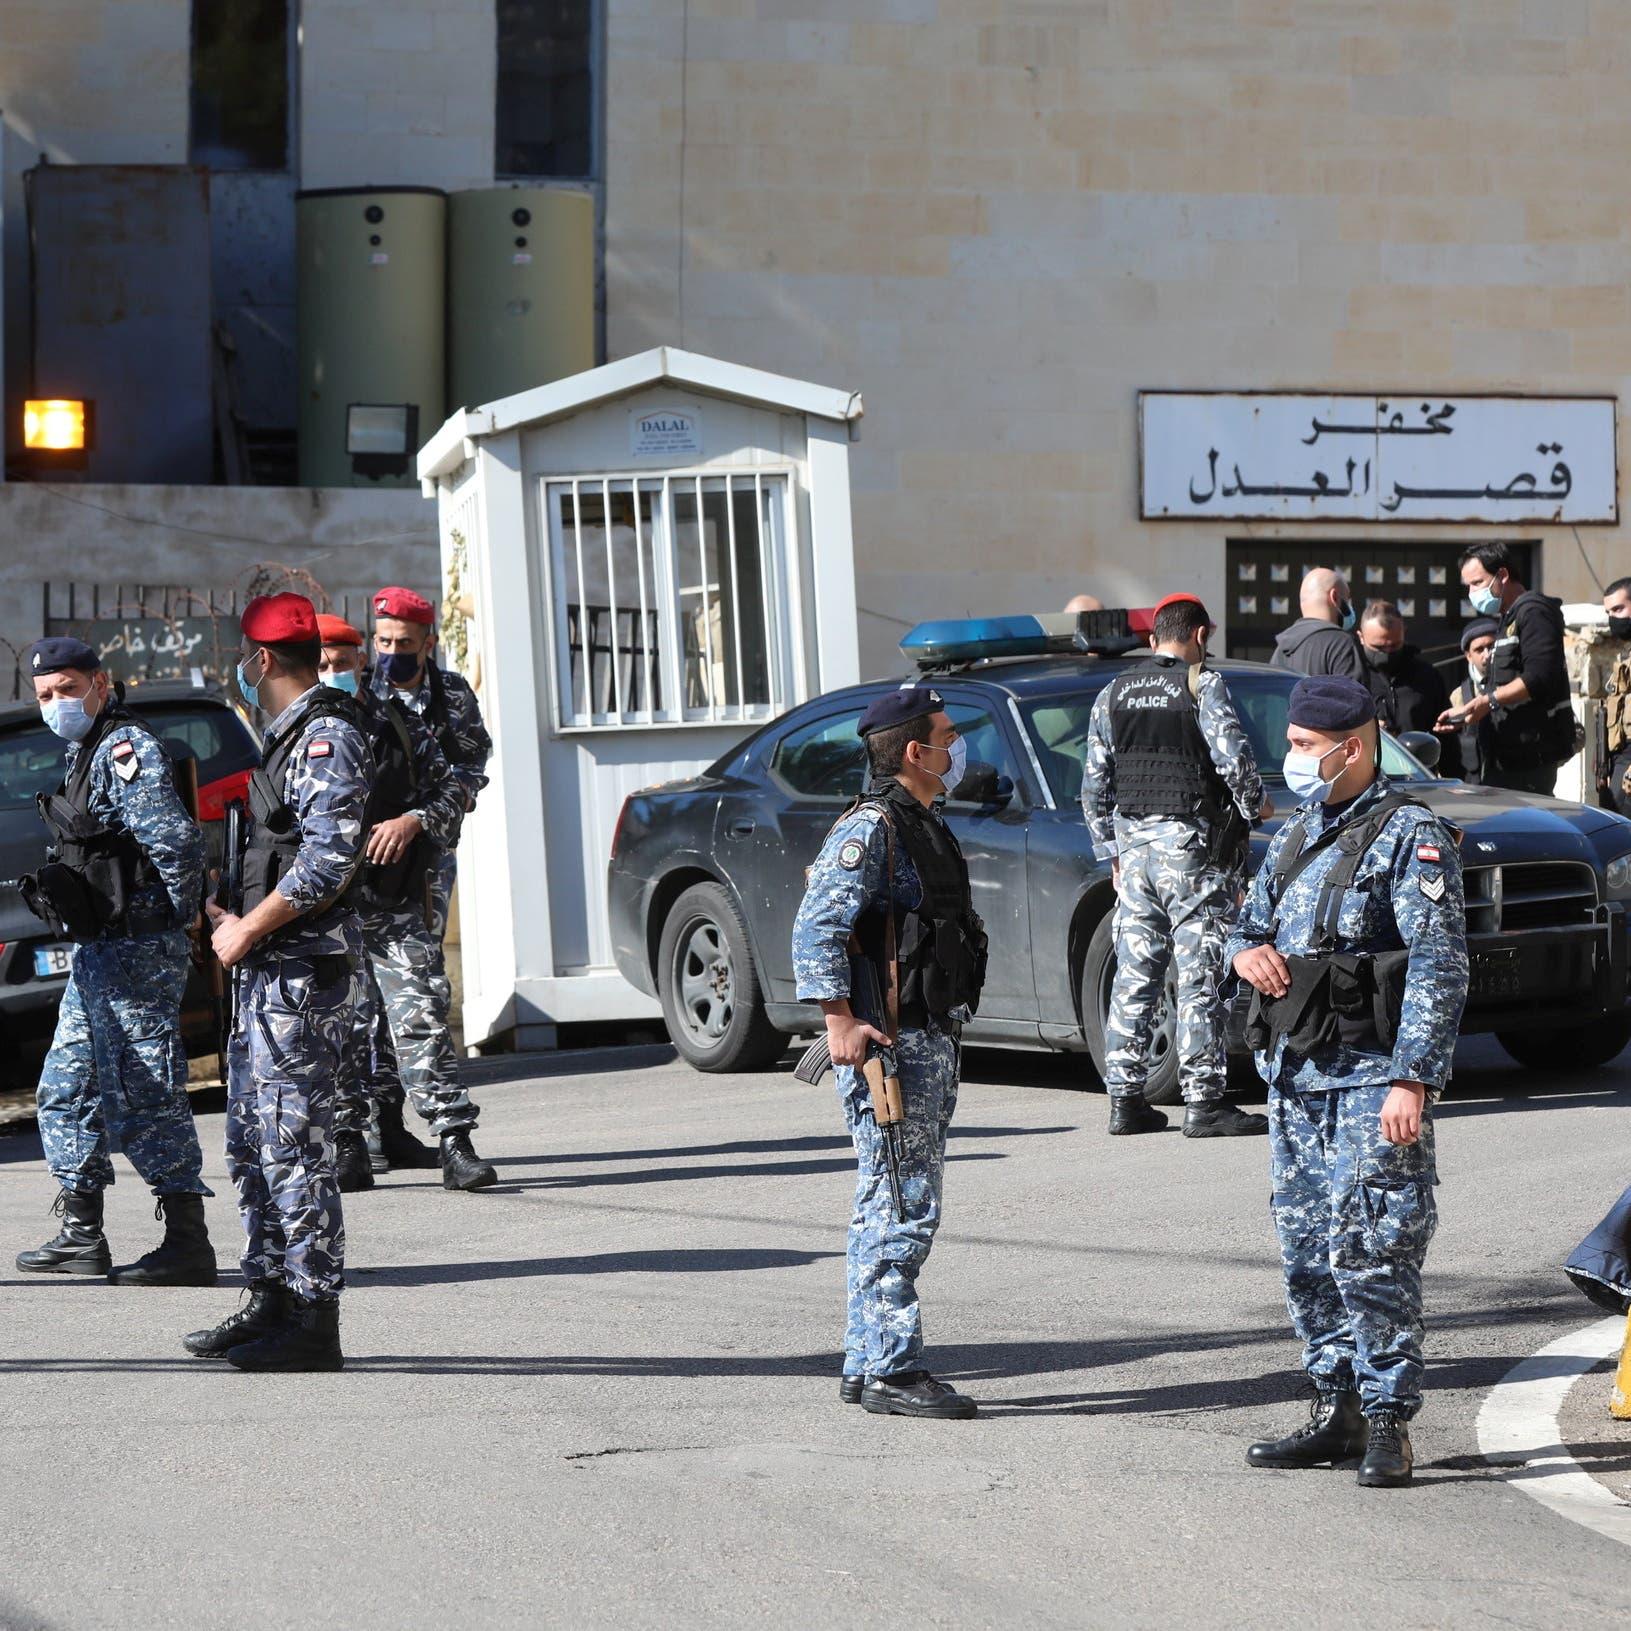 لبنان: 5 قتلى في مطاردة للشرطة بعد هروب جماعي من سجن